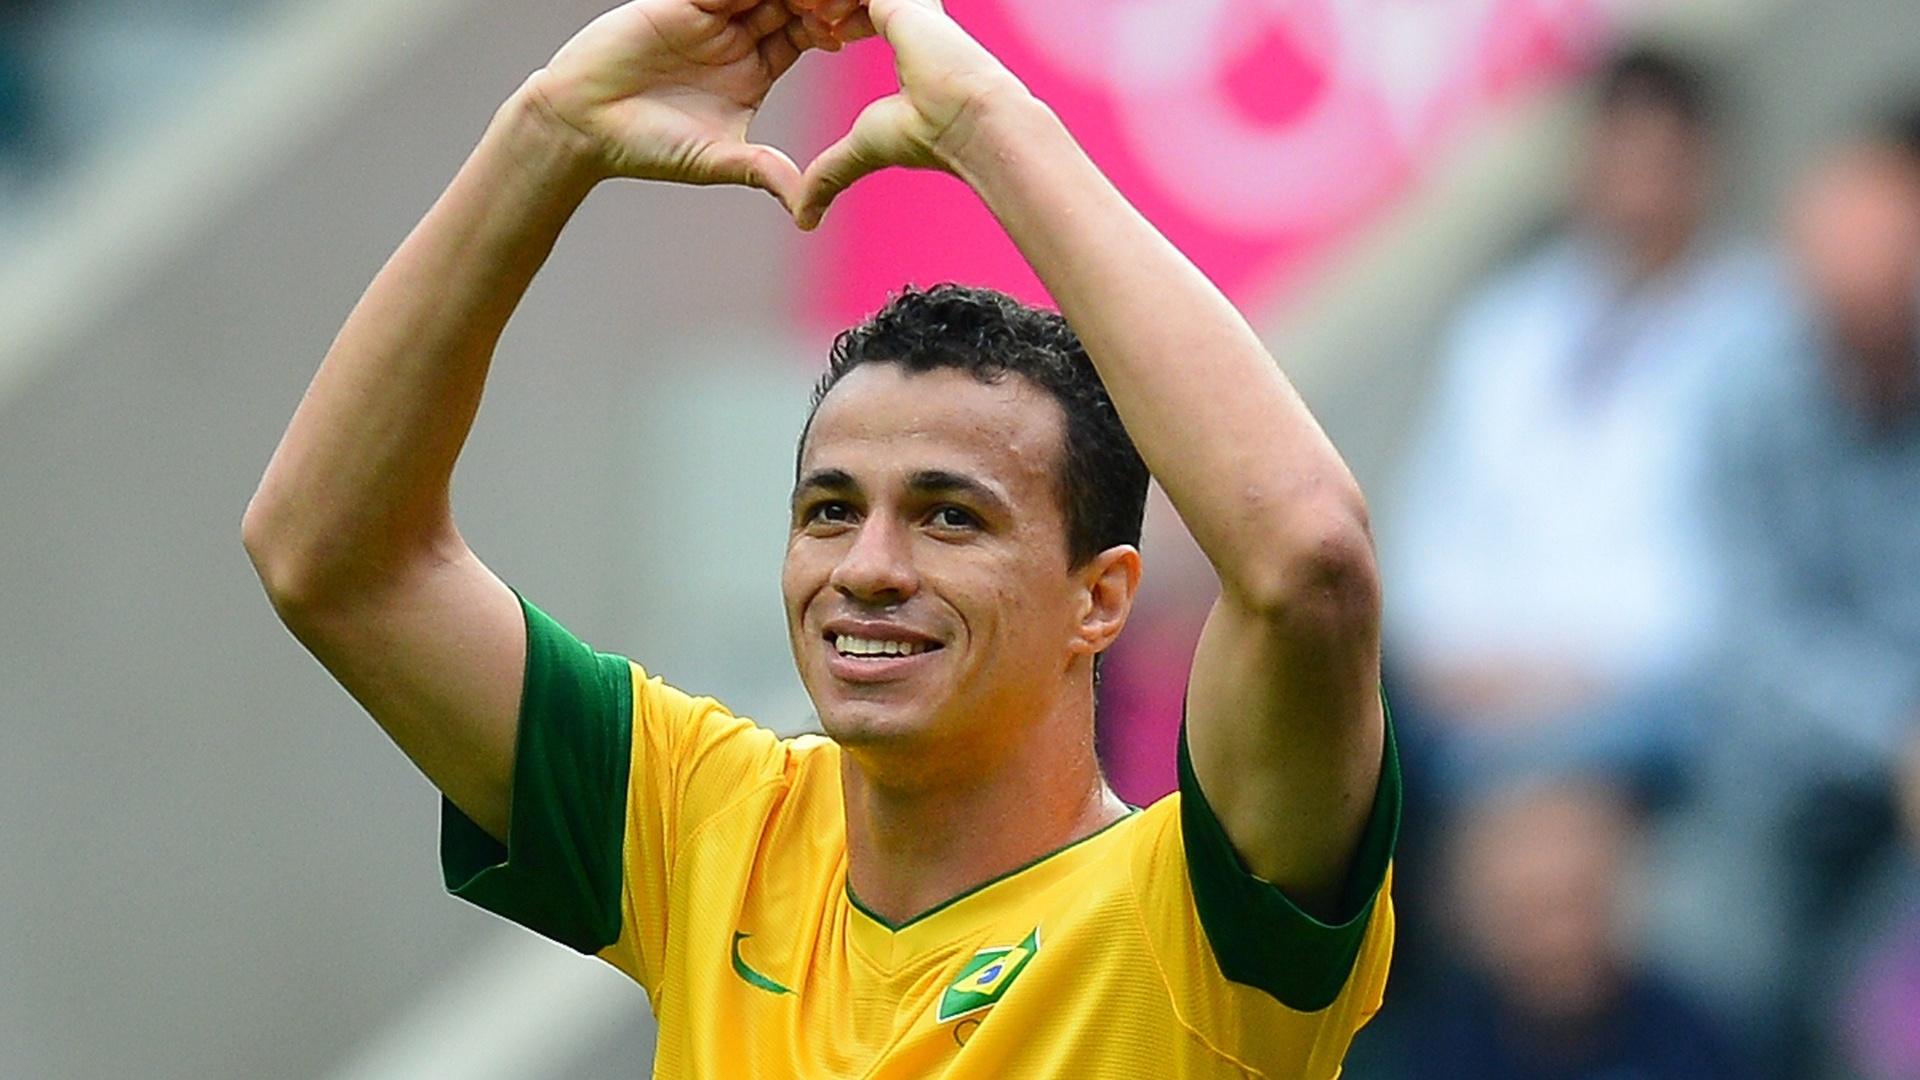 atacante-leandro-damiao-comemora-o-segundo-gol-brasileiro-contra-va-nova-zelandia-1343831102612_1920x10801